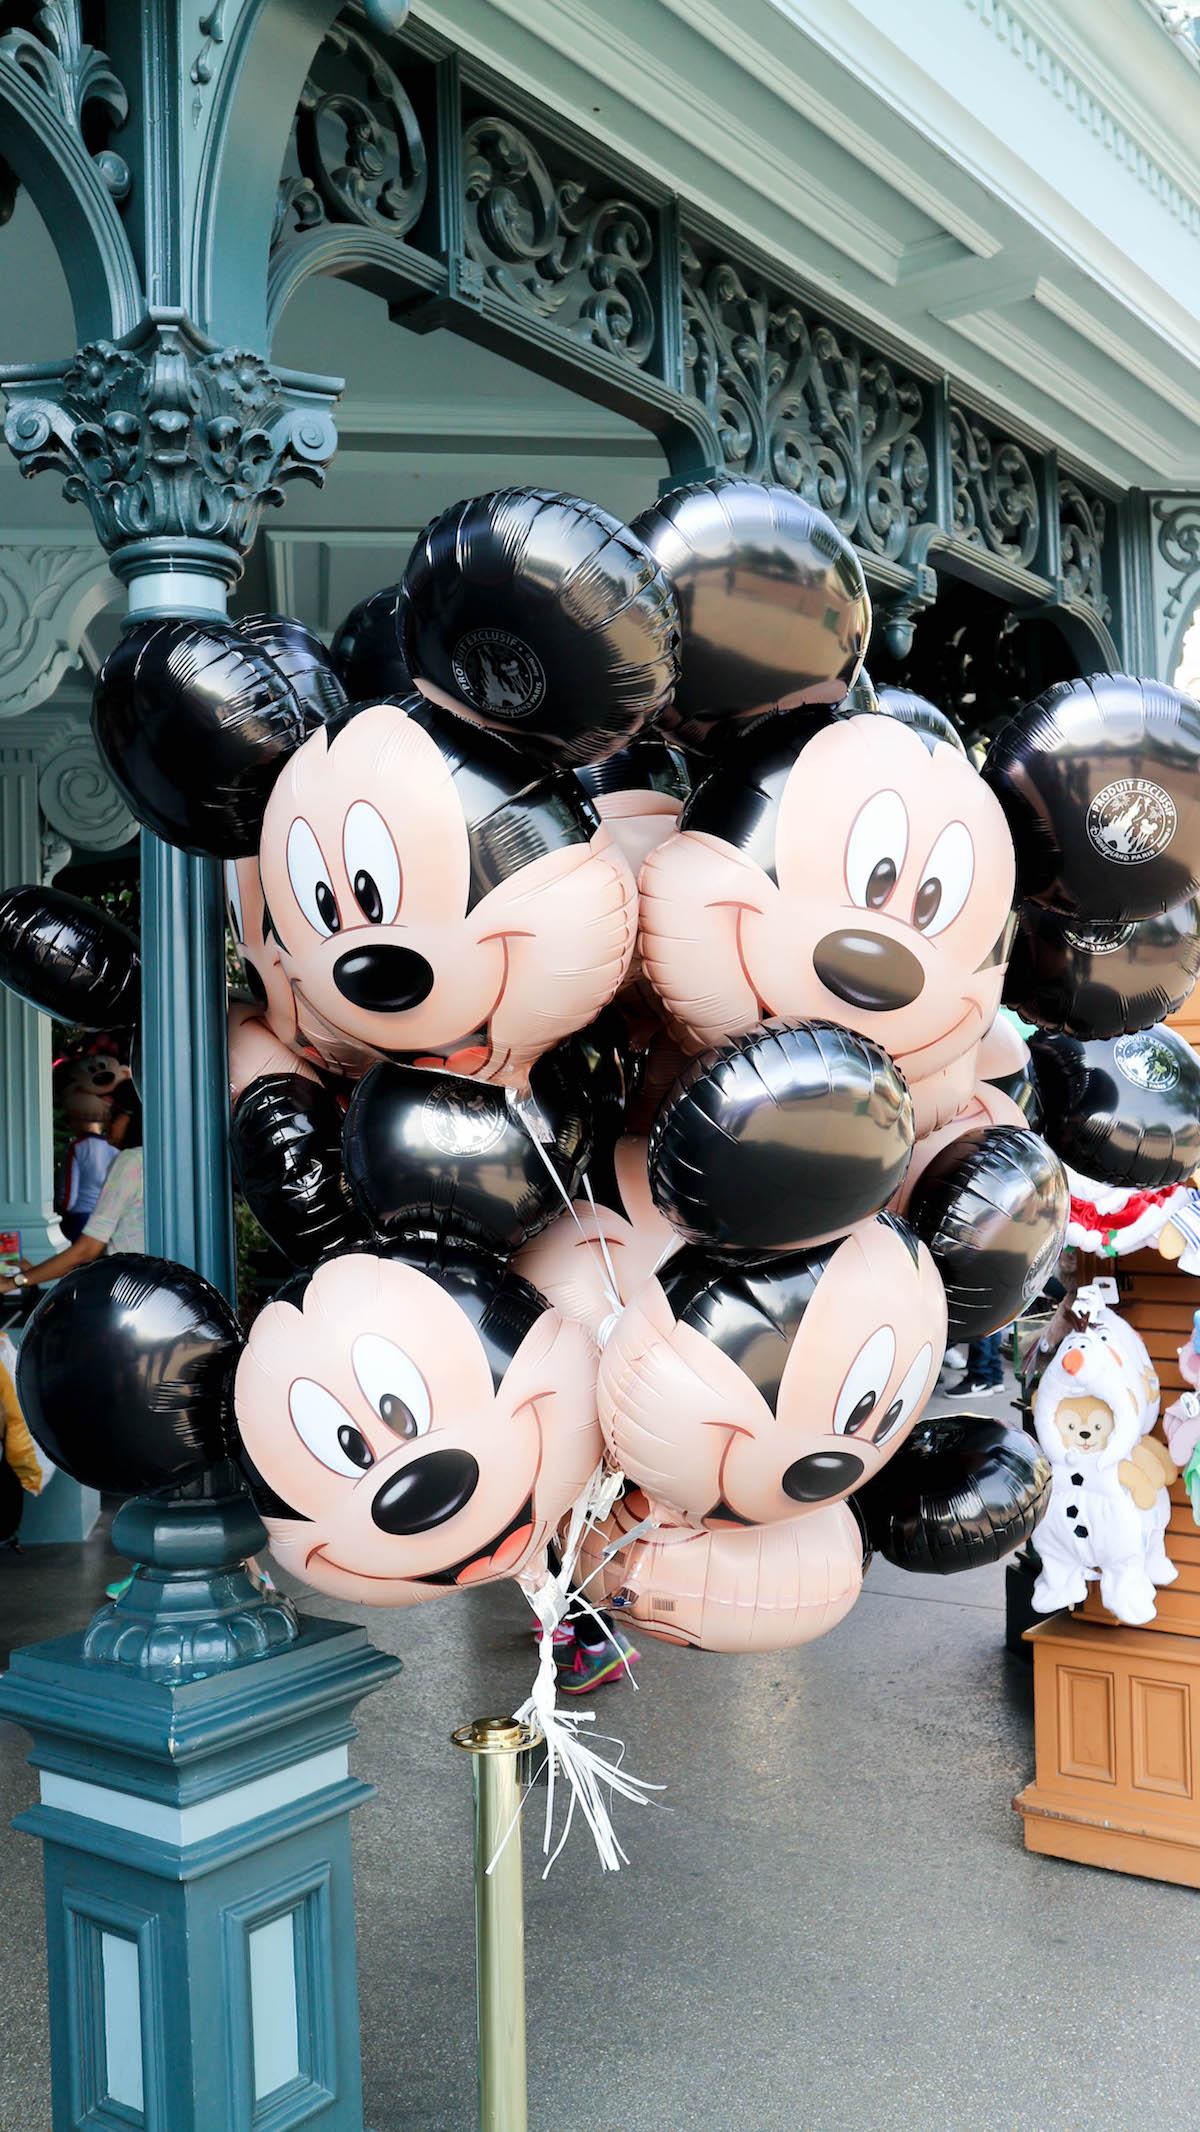 mickey-mouse-luftballon-kaufen-xxl